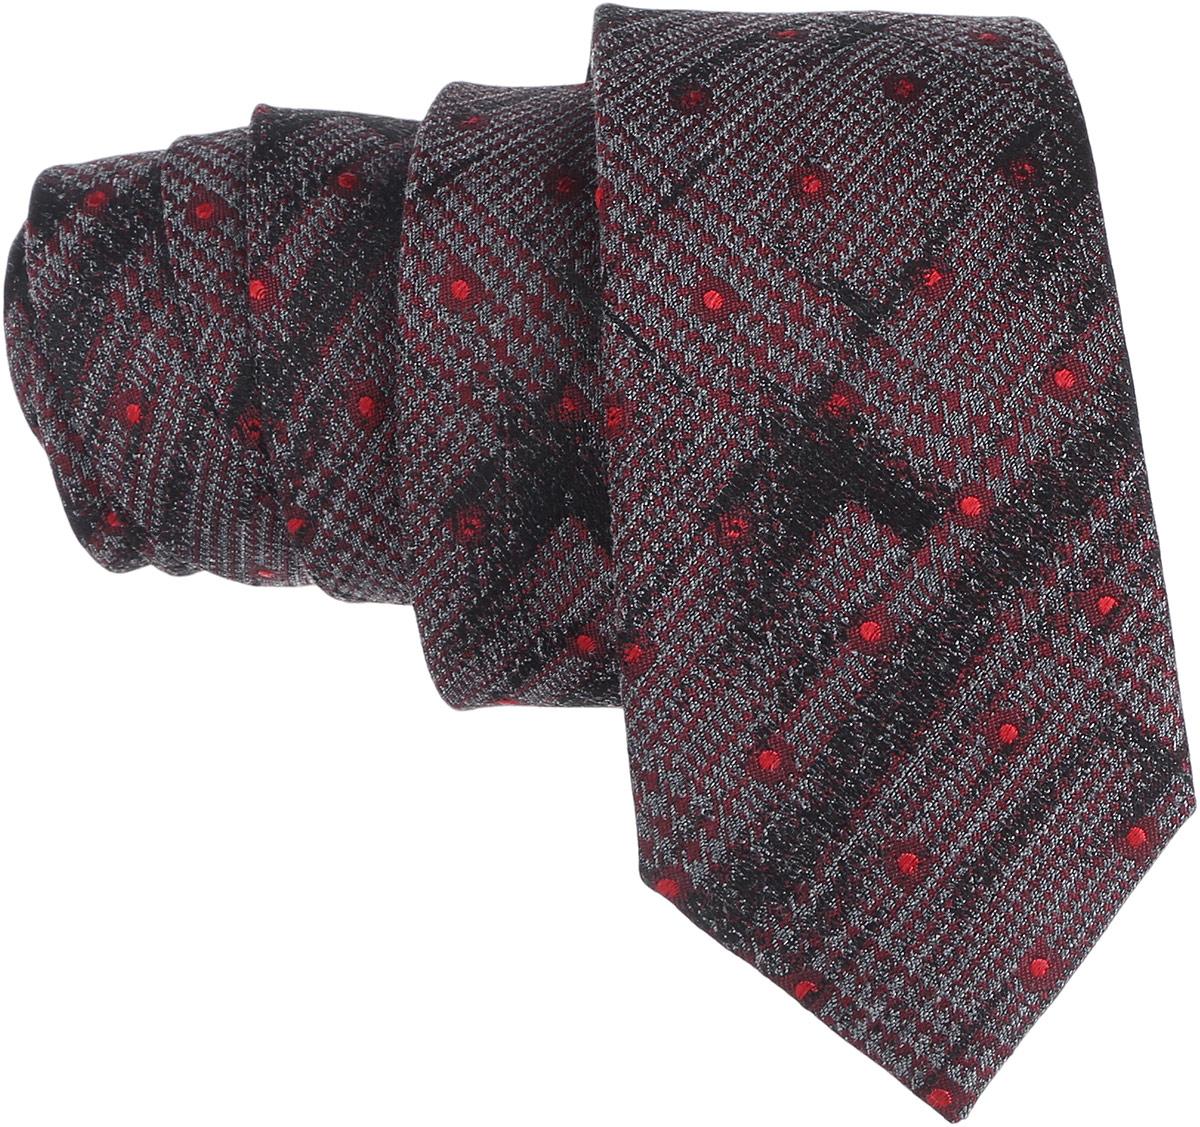 Галстук. 12.01546912.015469Стильный галстук BTC станет отличным завершающим штрихом вашего образа. Этот модный аксессуар порадует вас высоким качеством исполнения и современным дизайном. Изделие полностью выполнено из качественного шелка. Галстук оформлен оригинальным принтом. Такой оригинальный галстук подойдет как к повседневному, так и к официальному наряду, он позволит вам подчеркнуть свою индивидуальность и создать свой неповторимый стиль.